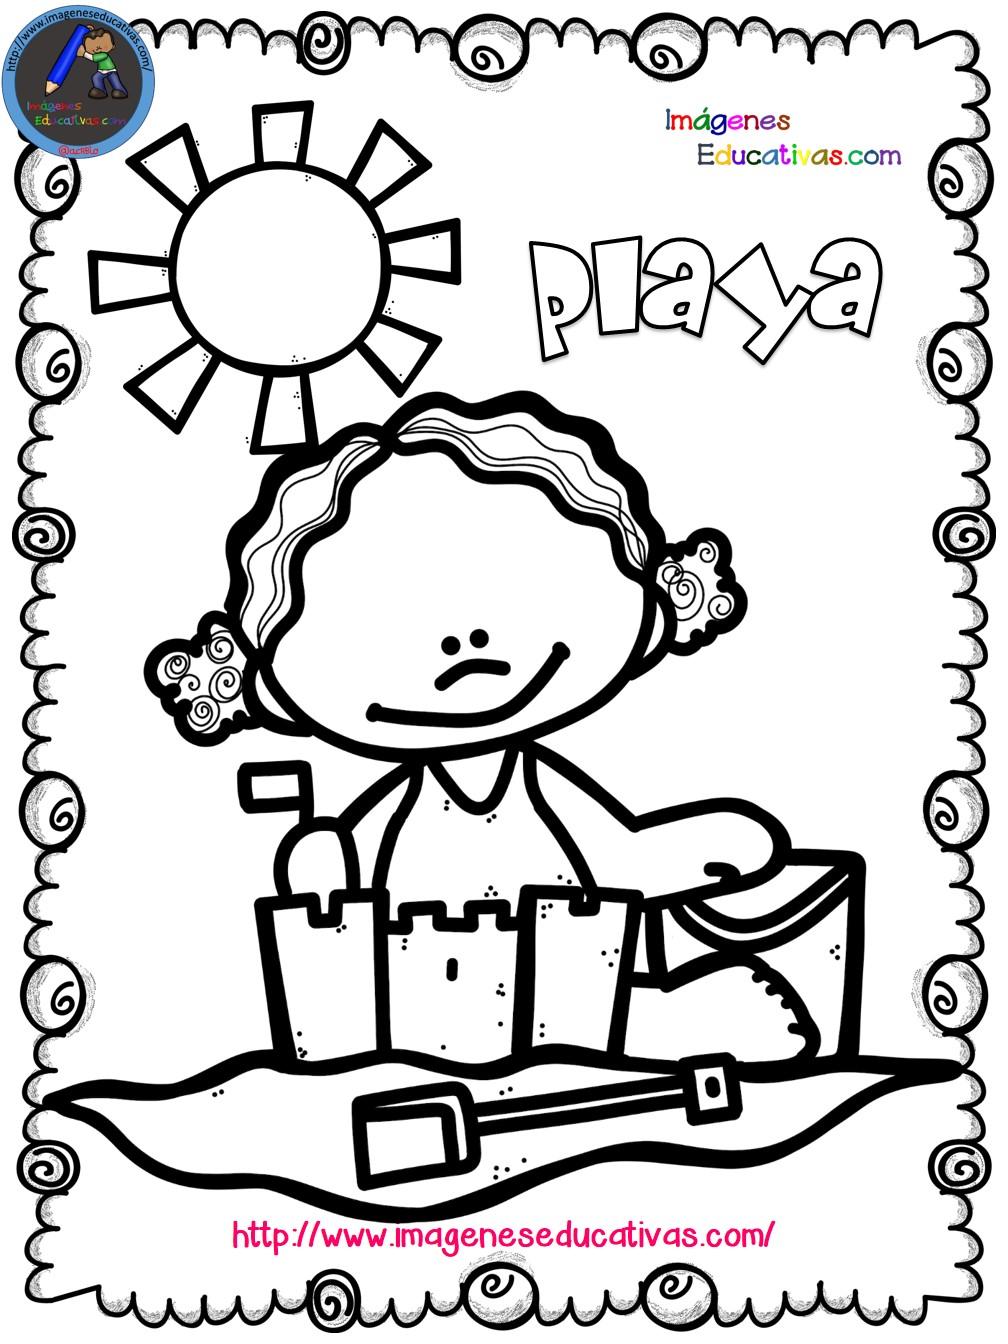 Mi libro para colorear en verano (6) - Imagenes Educativas